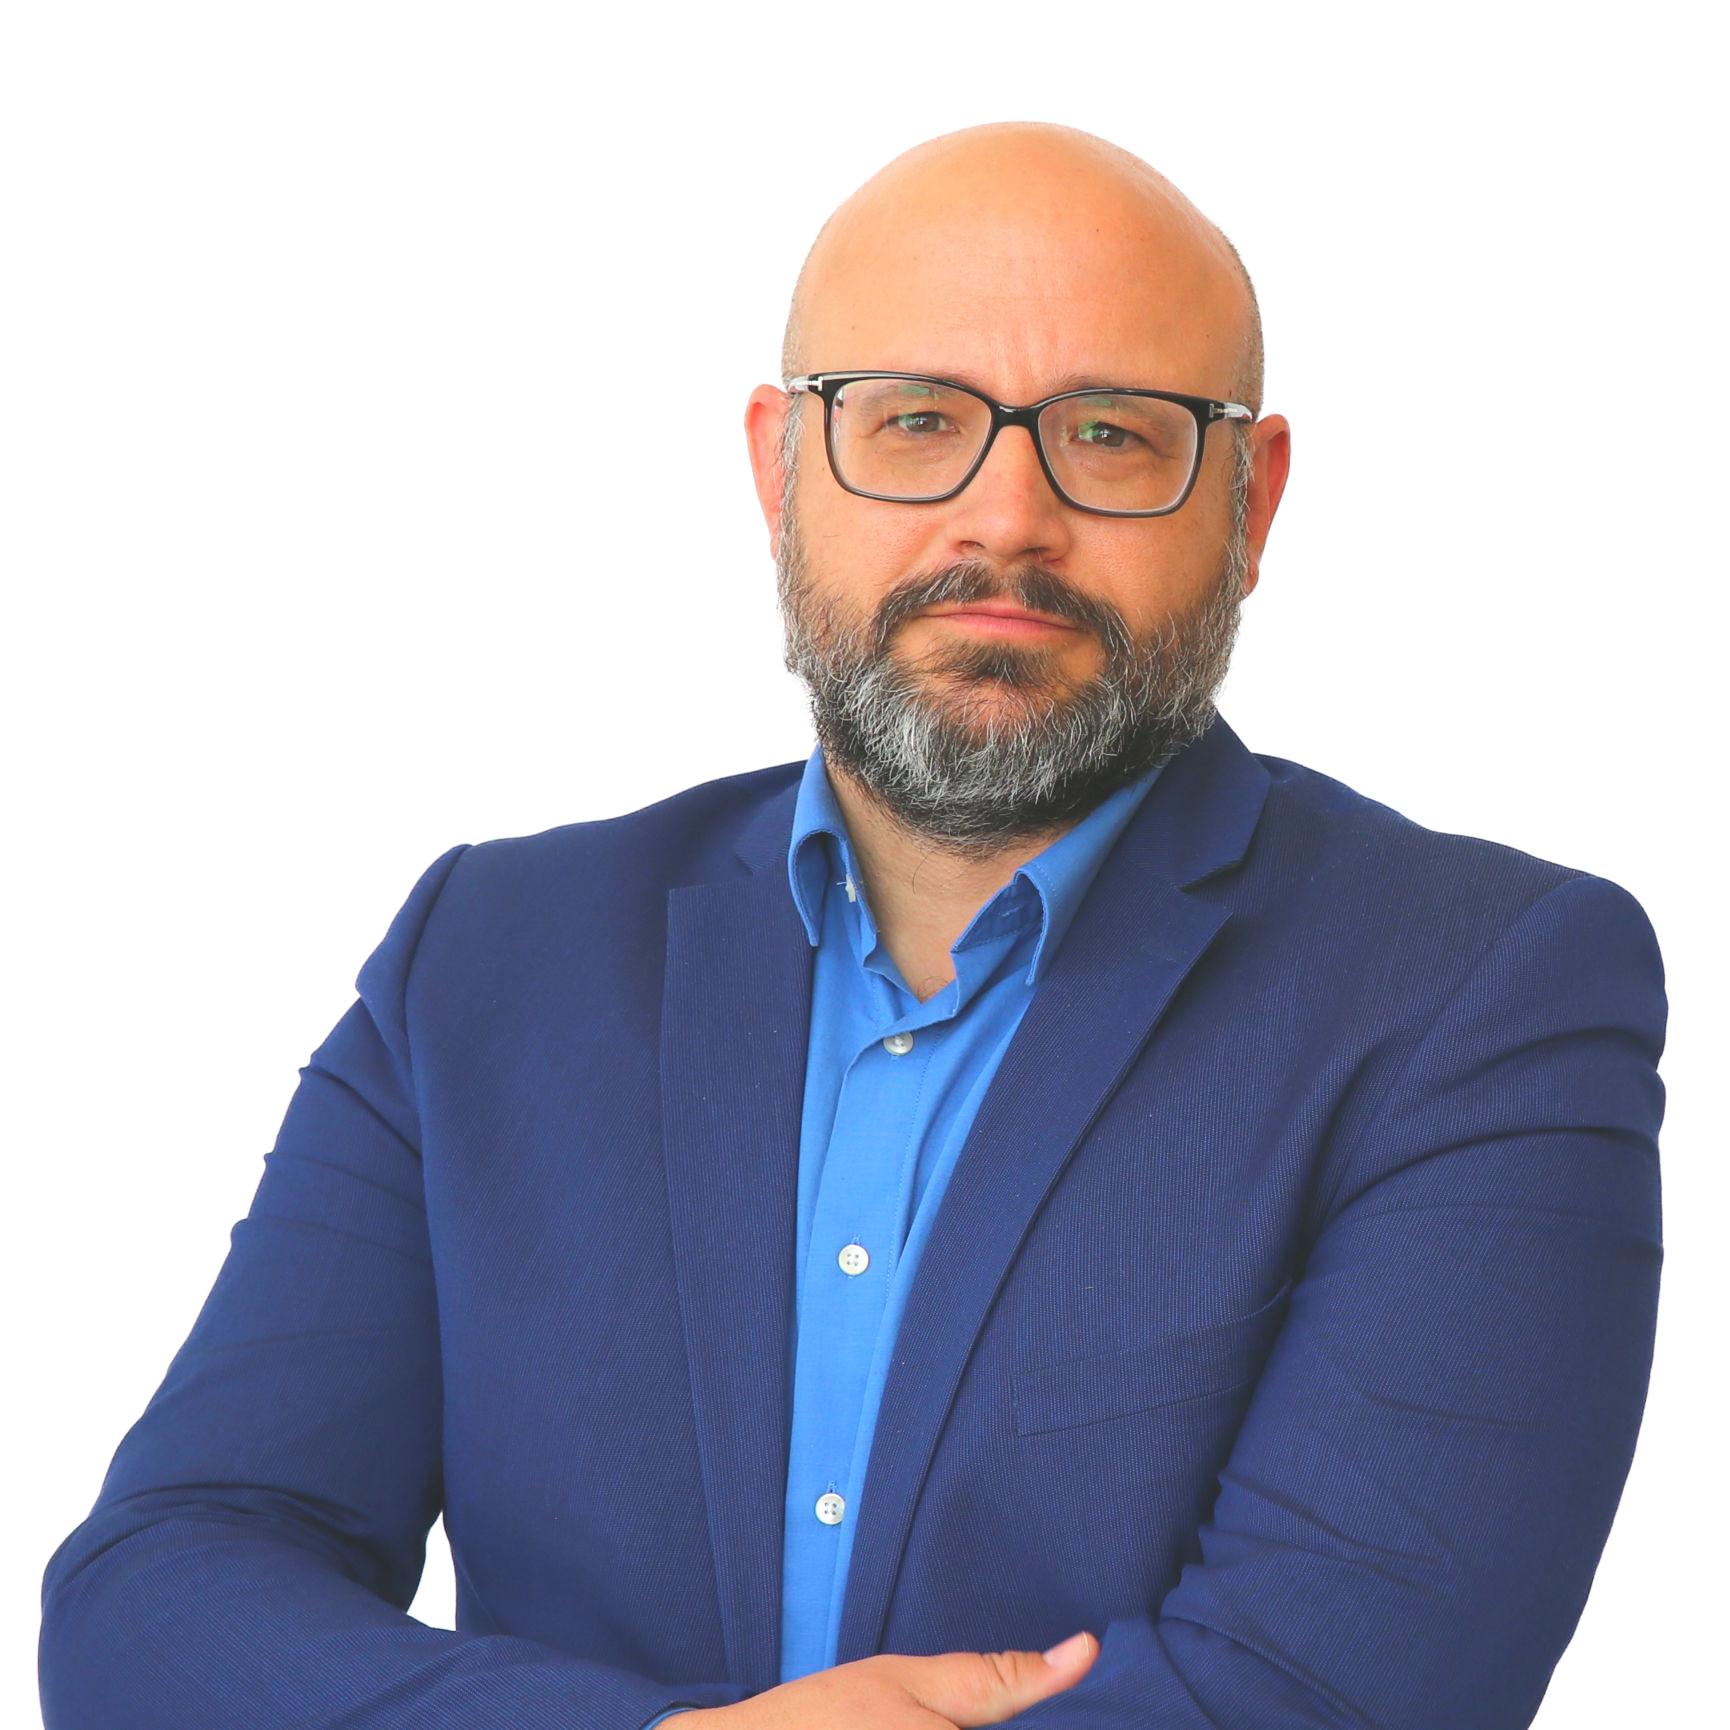 Stefan Binkert